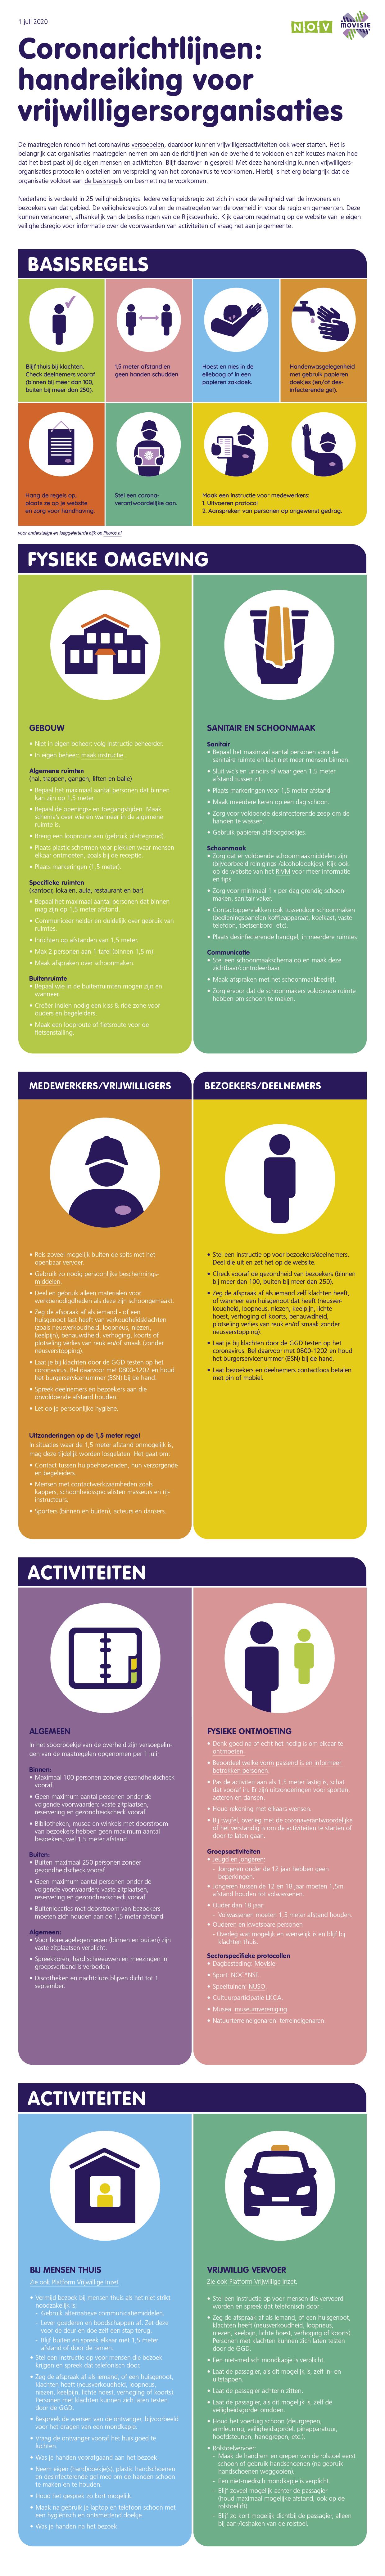 Handreiking coronarichtlijnen vrijwilligersorganisaties